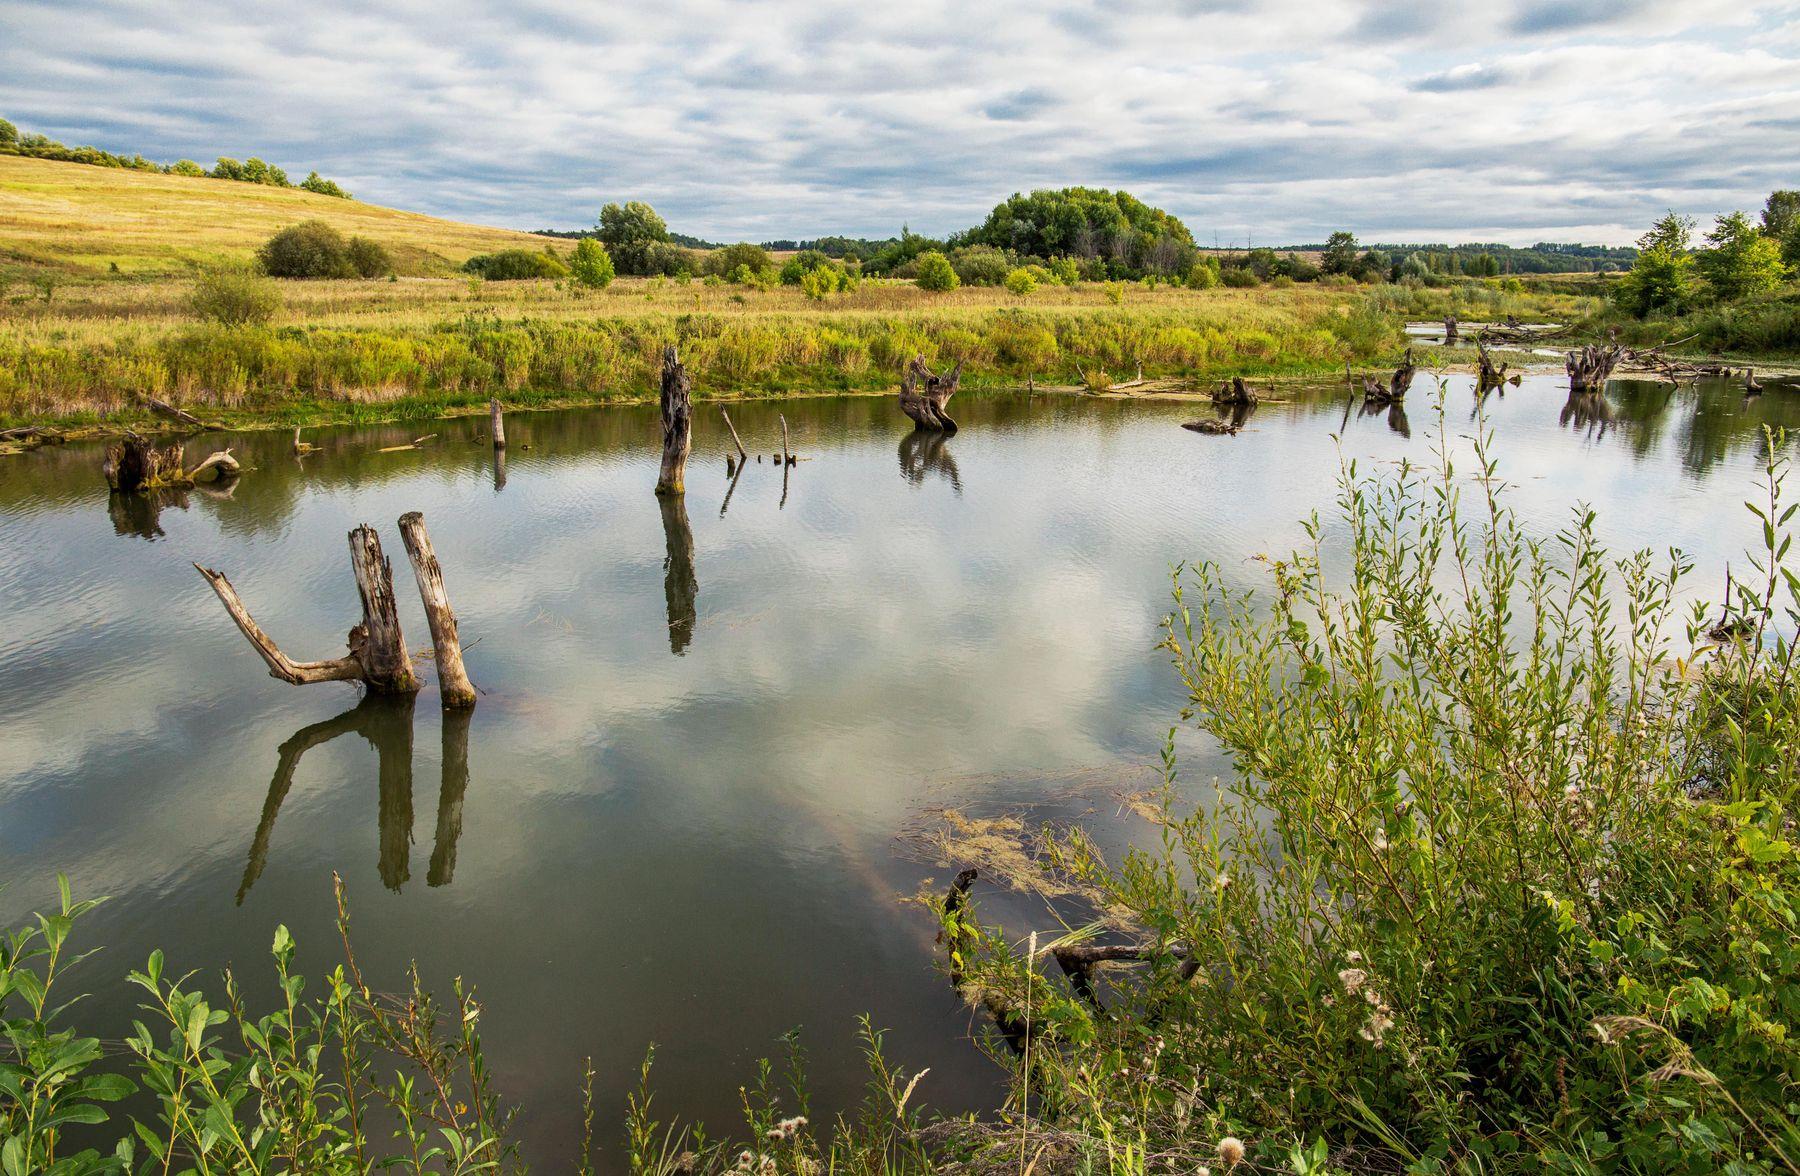 озеро Морквашинское ,Татарстан природа пейзаж осень татарстан озеро морквашинское